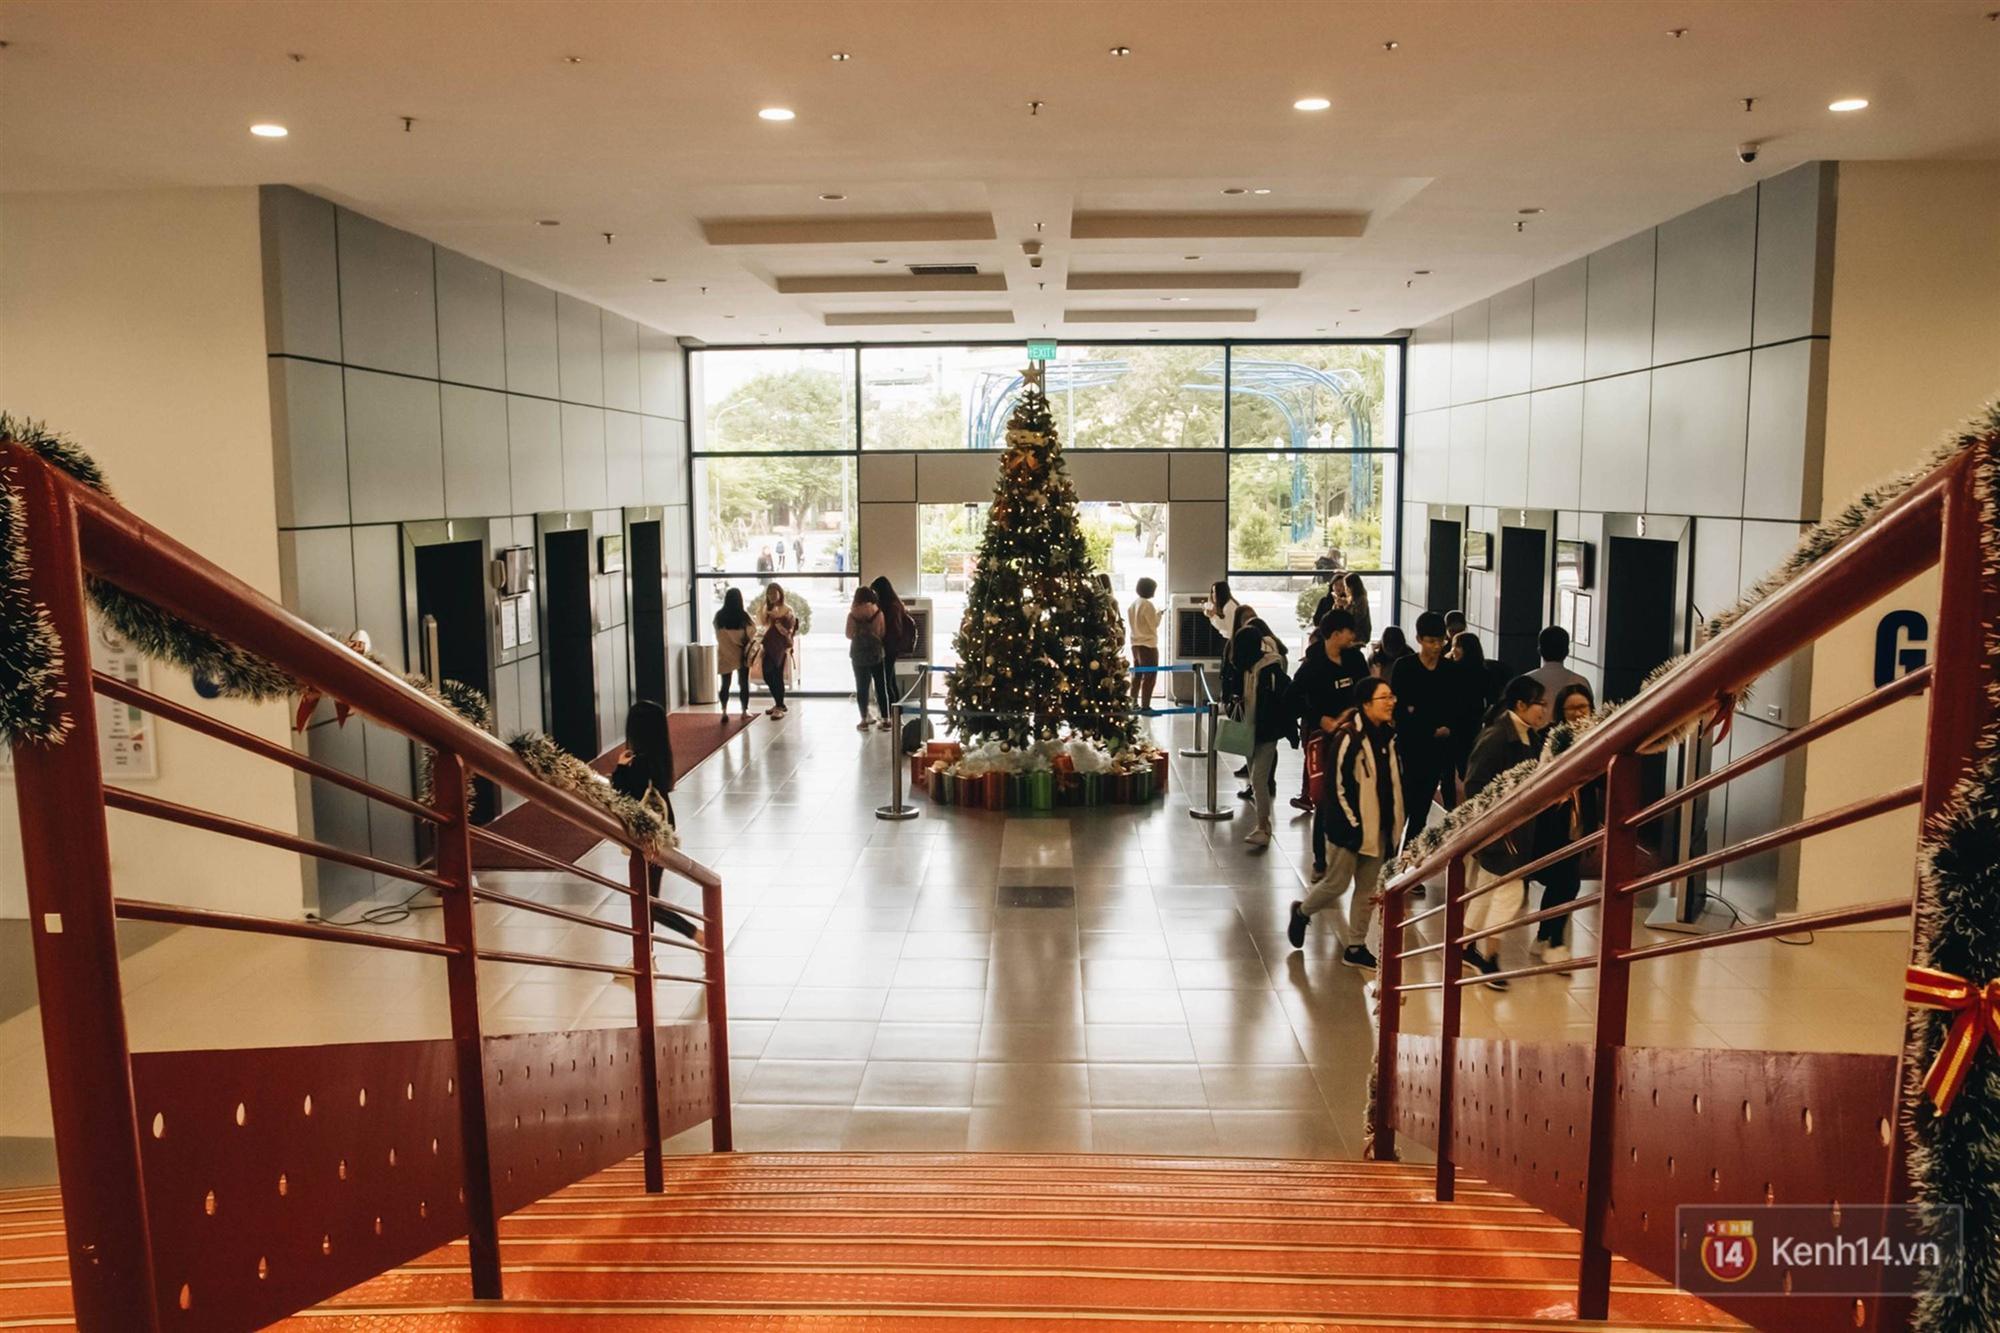 Xịn như Kinh tế Quốc dân: Dựng không gian checkin Noel sang như khách sạn bên trong toà nhà thế kỷ 96.000 m2 với 17 thang máy!-7